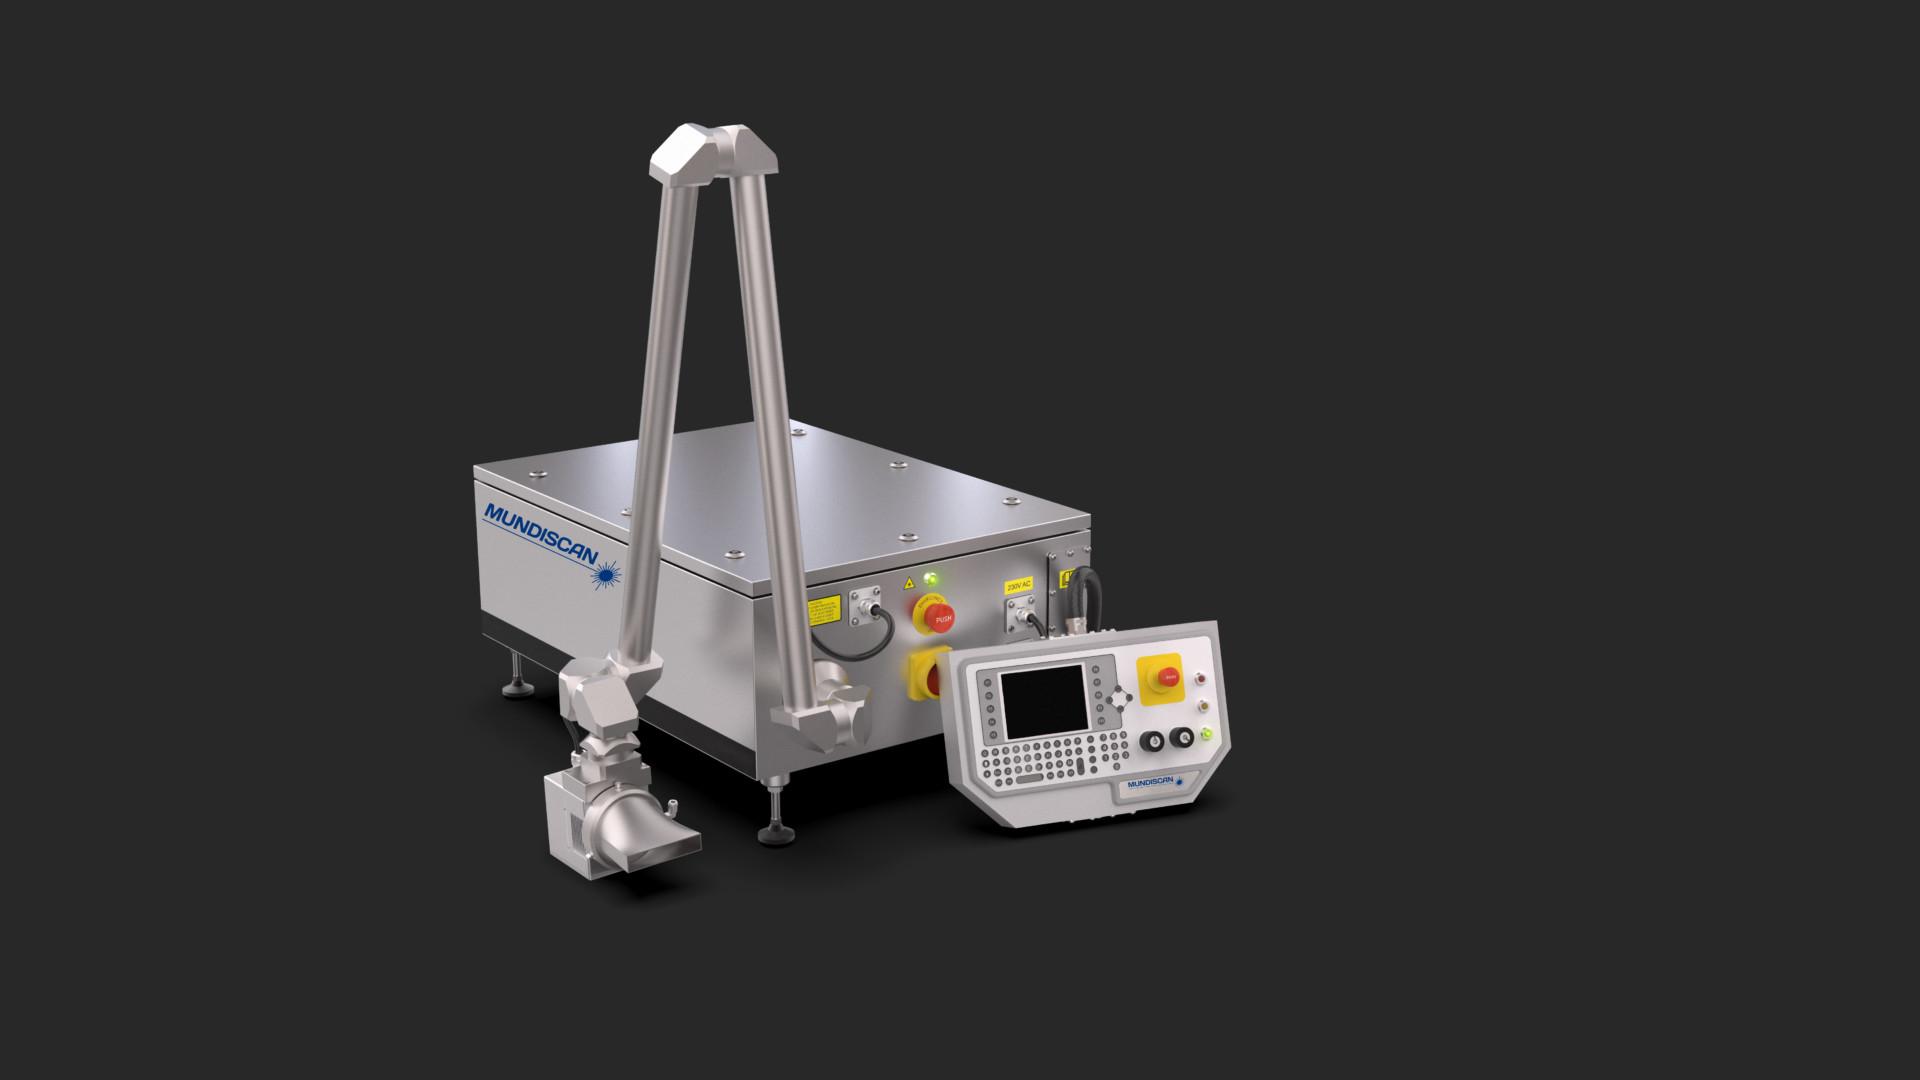 MundiScan Laser